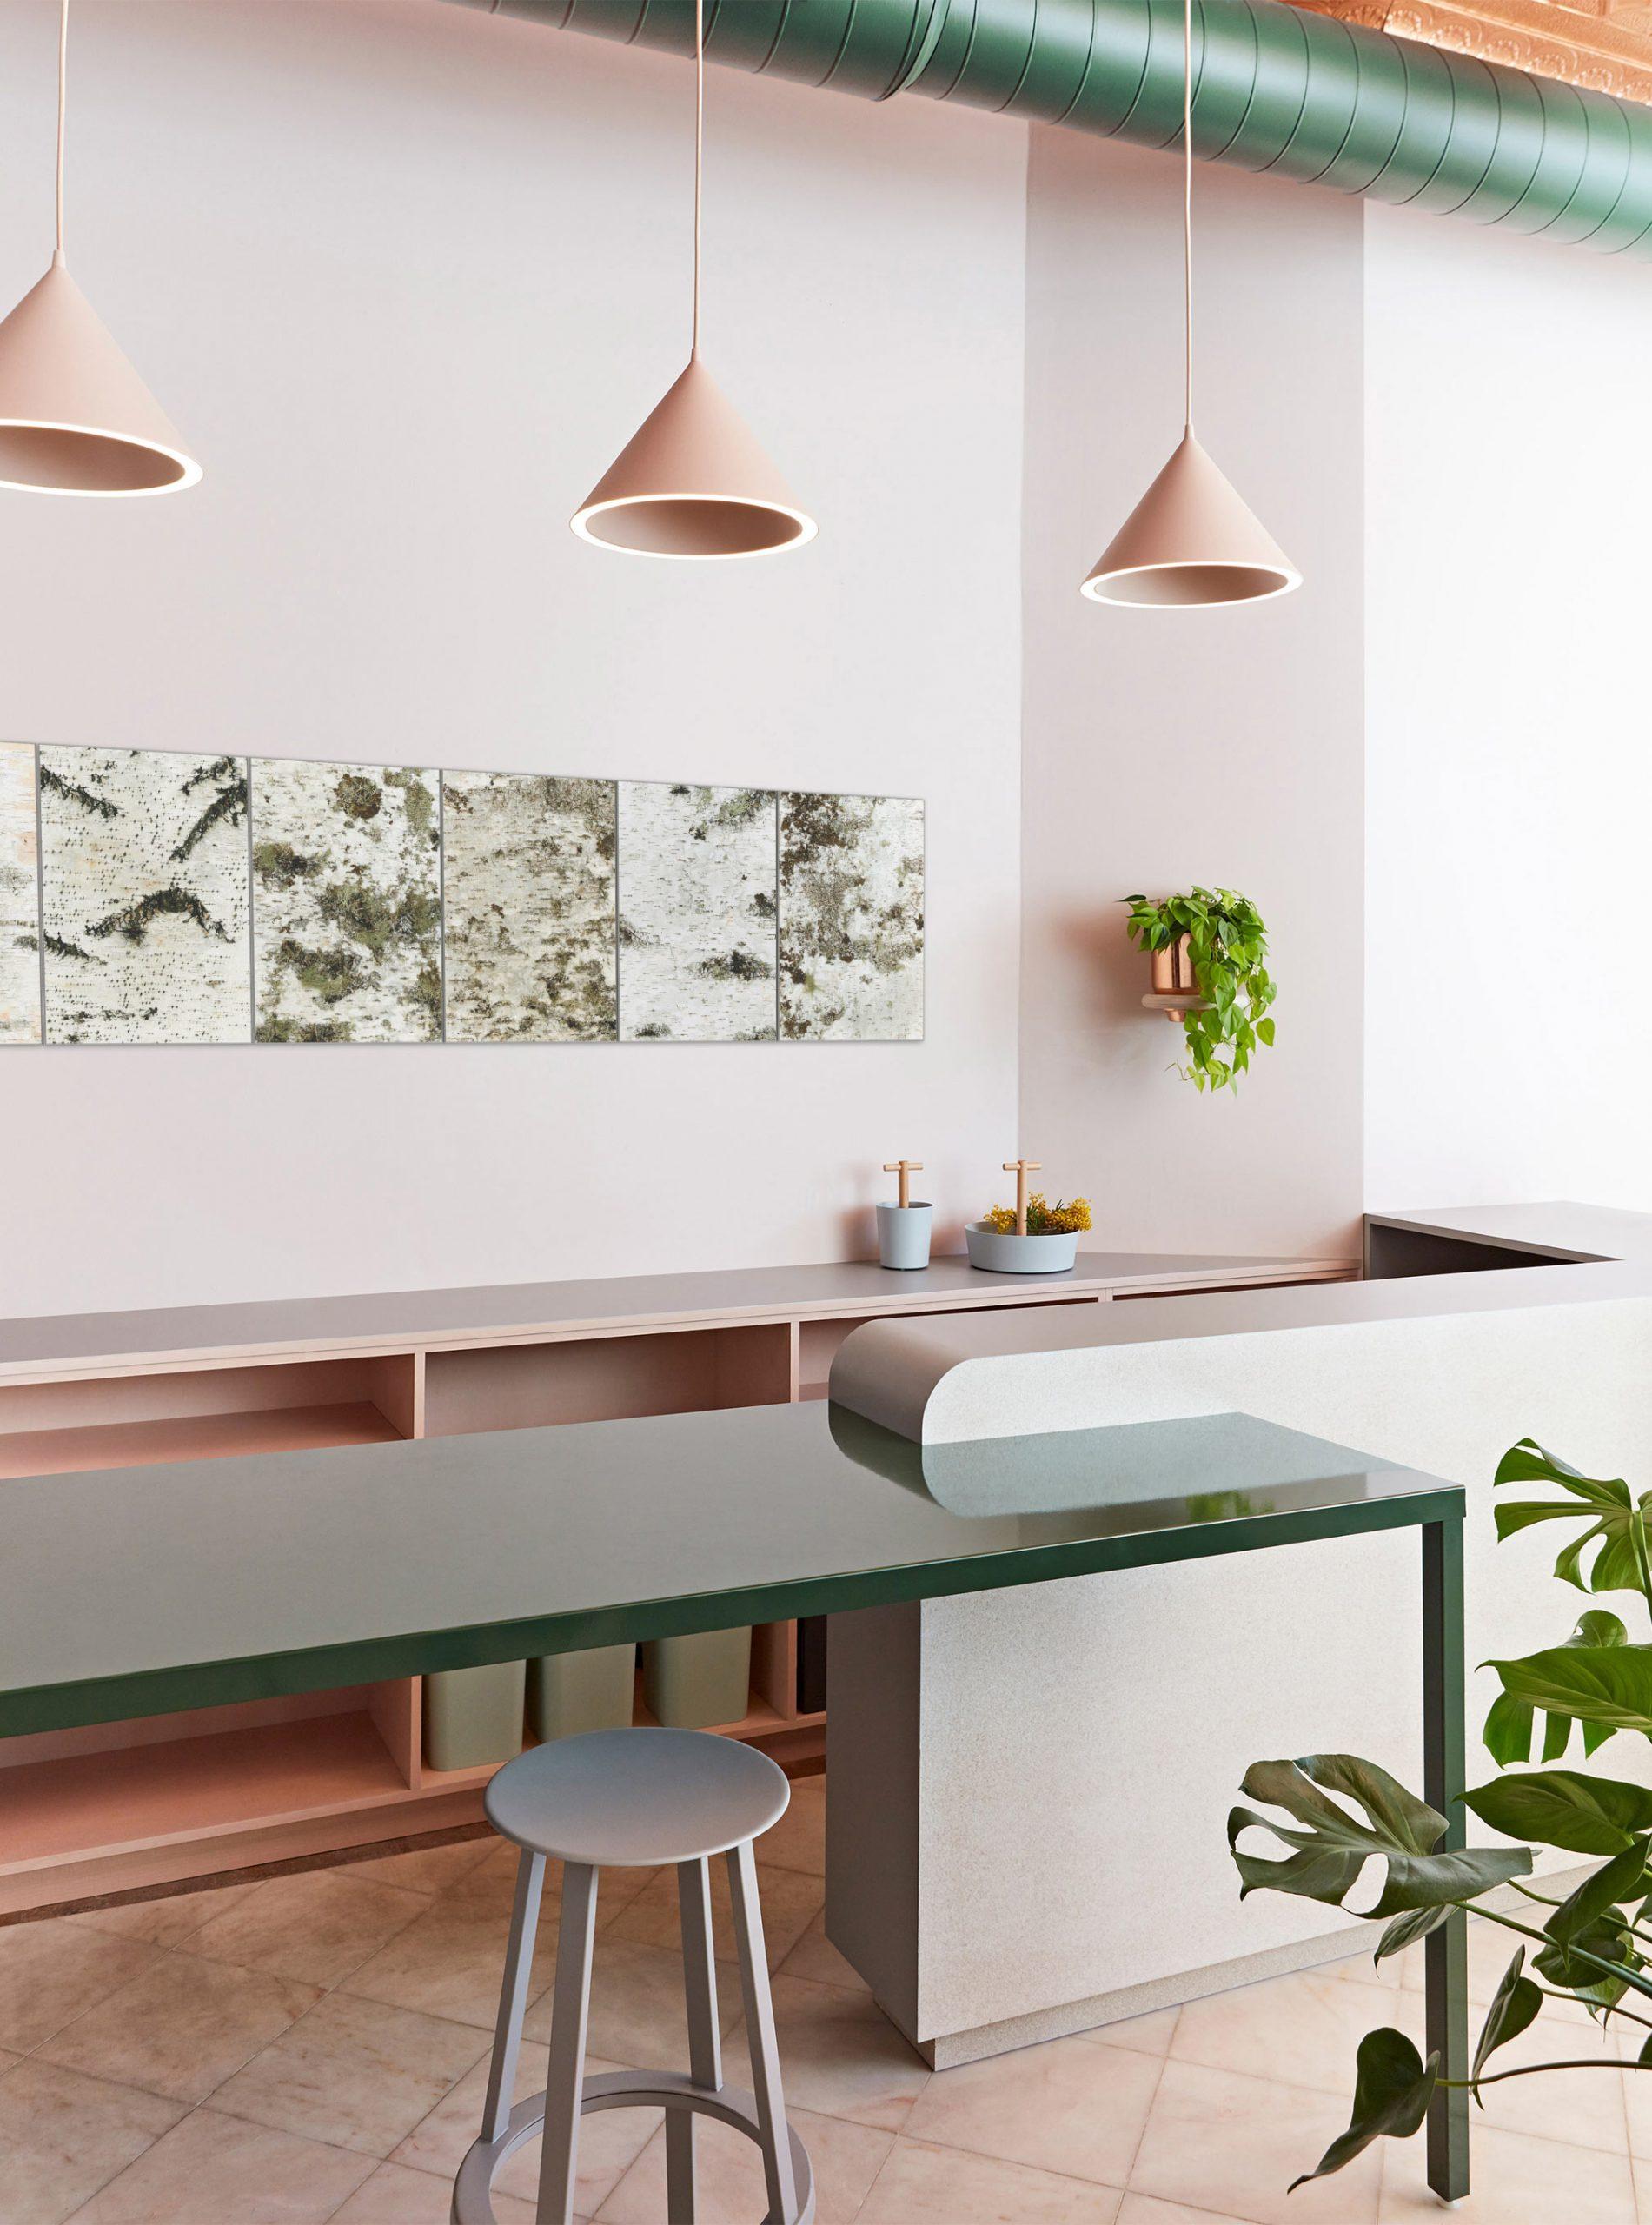 Full Size of Wanddeko Modern Wohnzimmer Ebay Moderne Aus Metall Silber Holz Heine Wald Wand Deko Natur Birke Wandpaneele Birkenrinde Und Esstische Küche Esstisch Modernes Wohnzimmer Wanddeko Modern